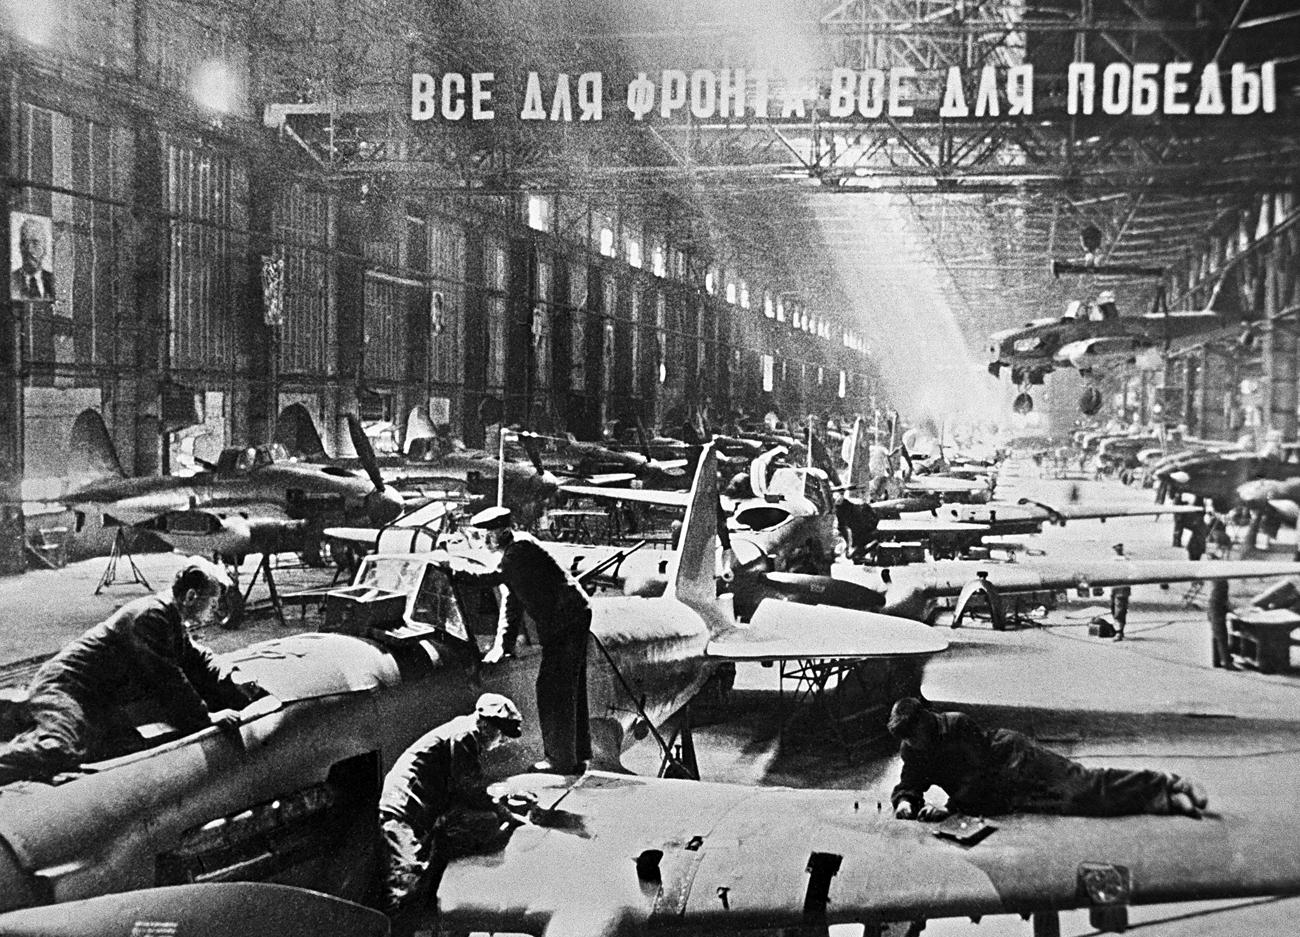 Operazioni di assemblaggio degli aerei Ilyushin durante la Grande guerra patriottica. Fonte: TASS